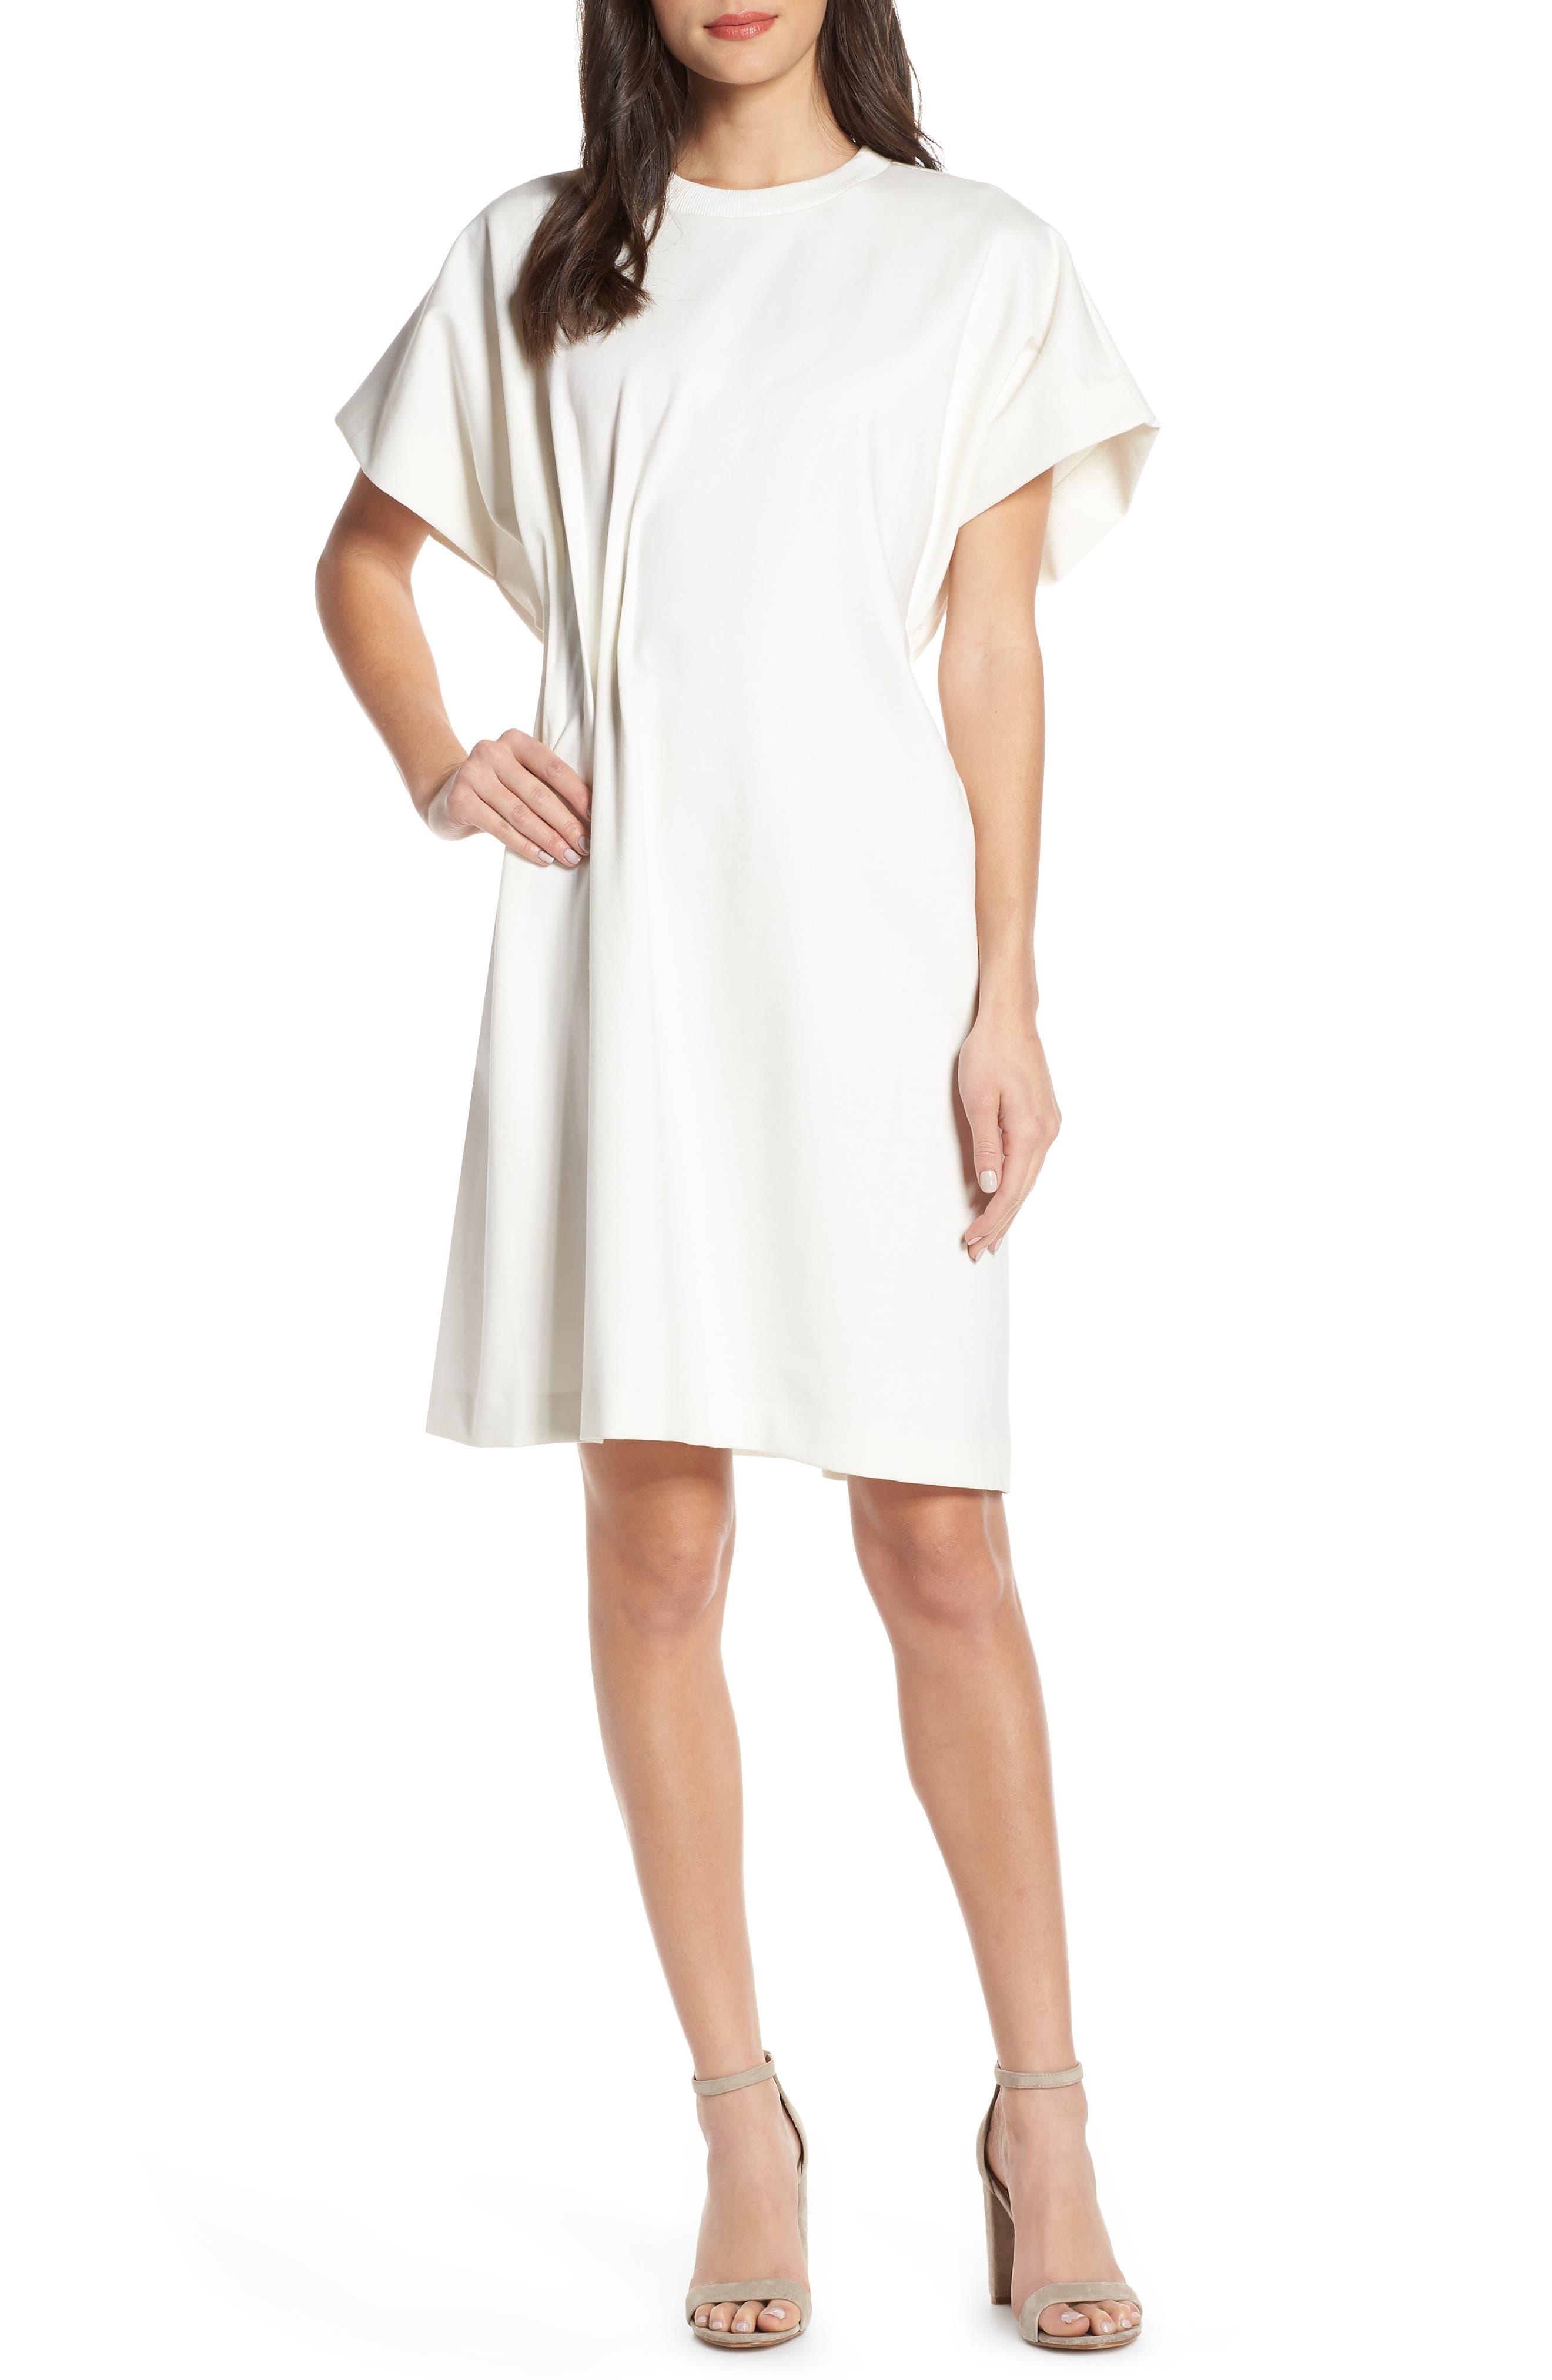 CAARA, Looma T-Shirt Dress, Main thumbnail 1, color, WHITE